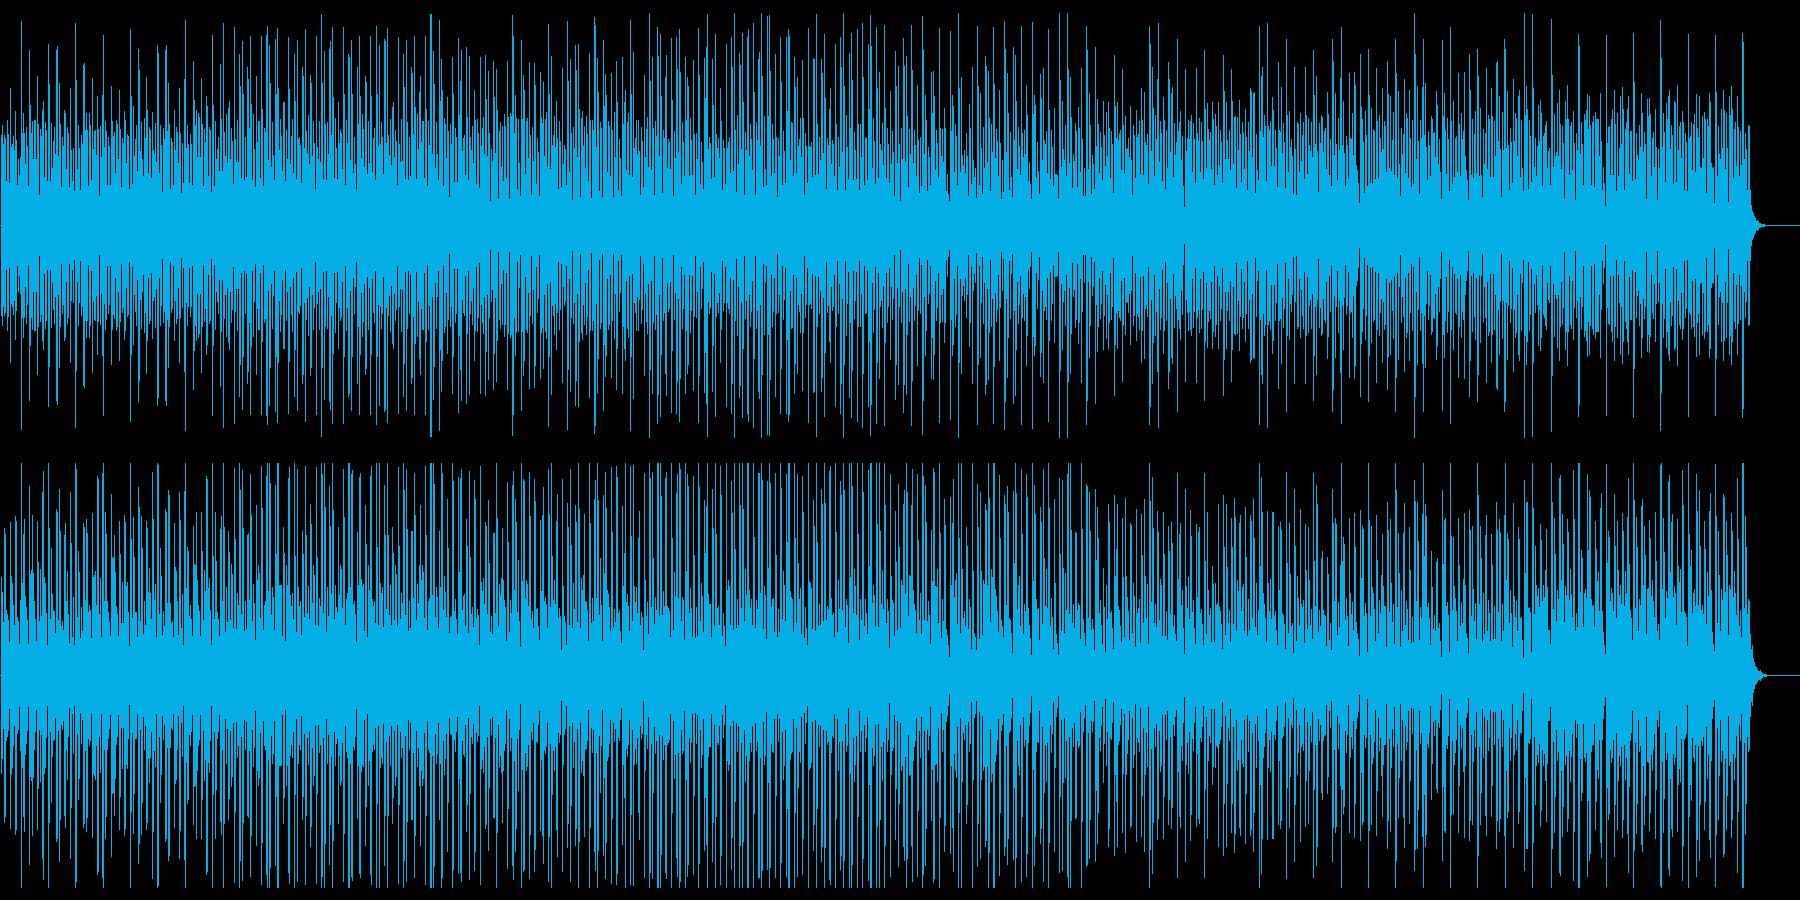 リズミカルなピアノインストルメントの再生済みの波形